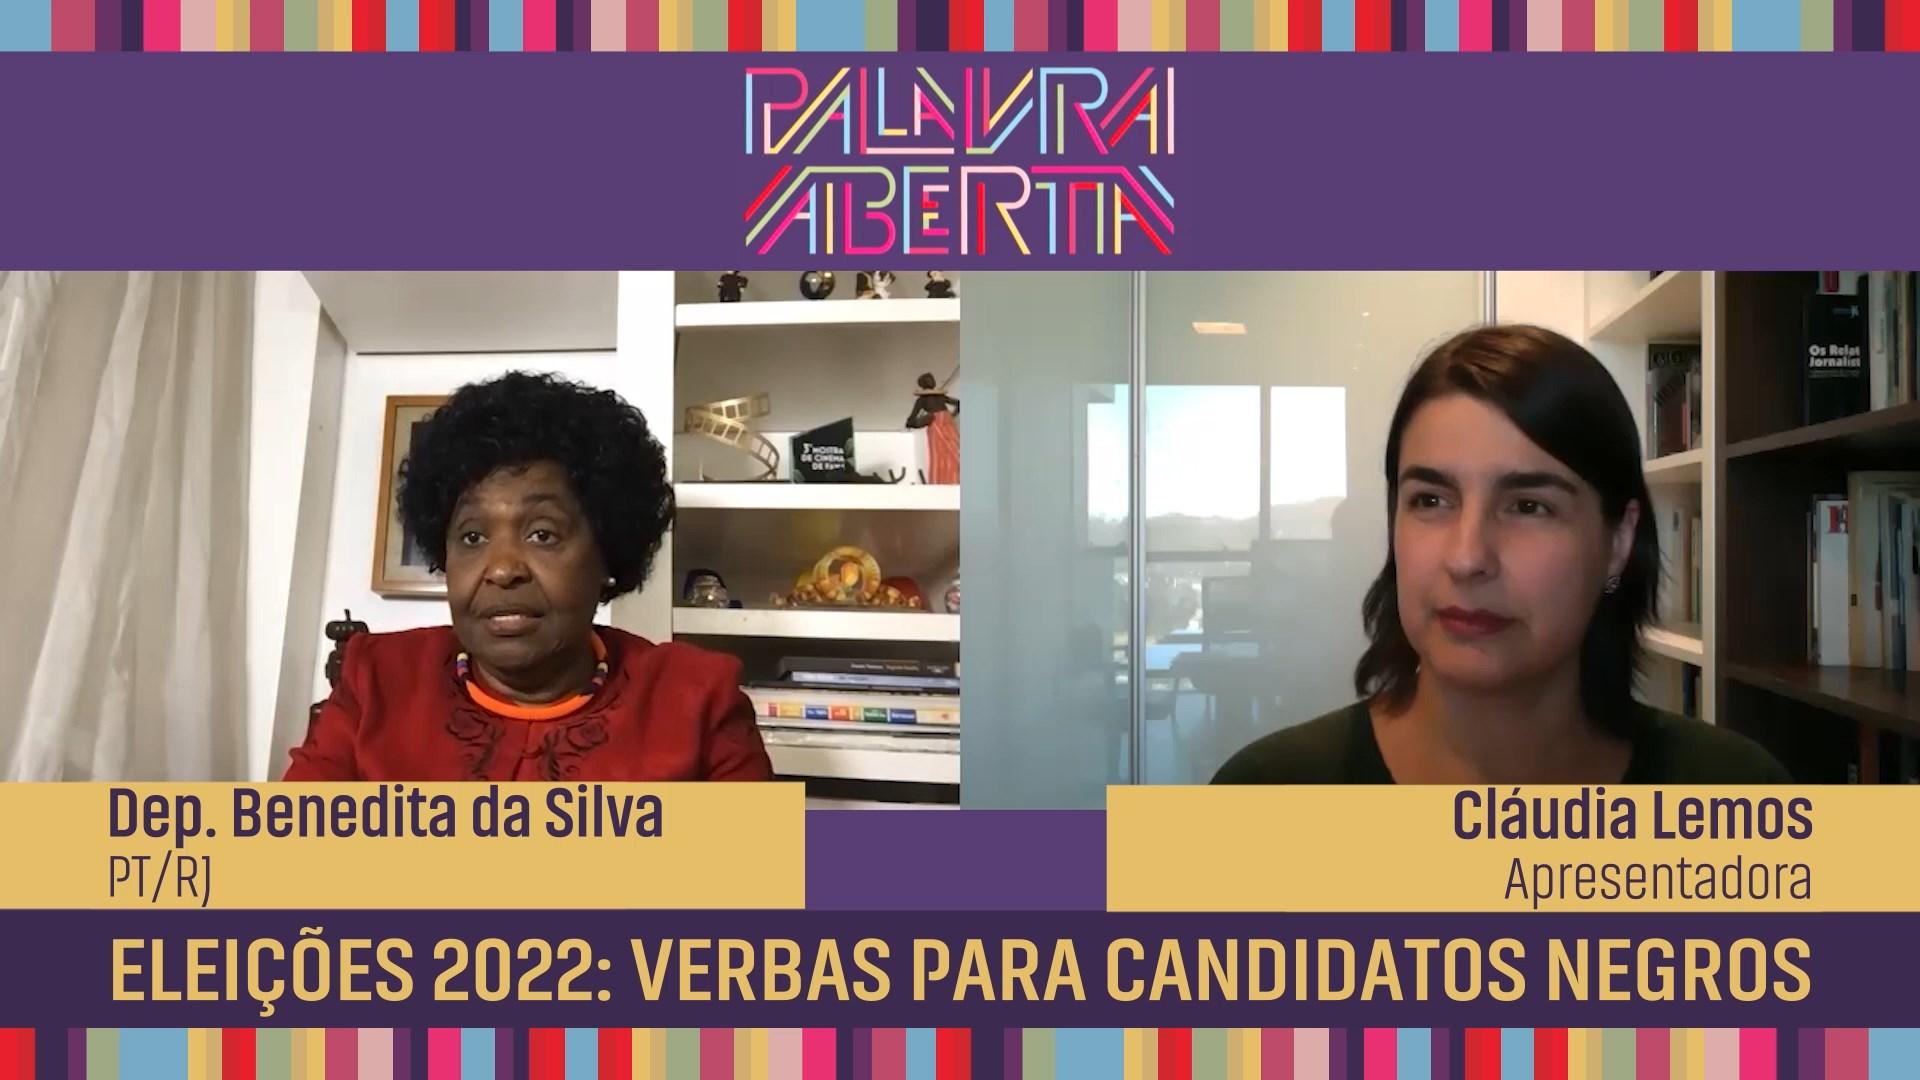 Eleições 2022: verbas para candidatos negros